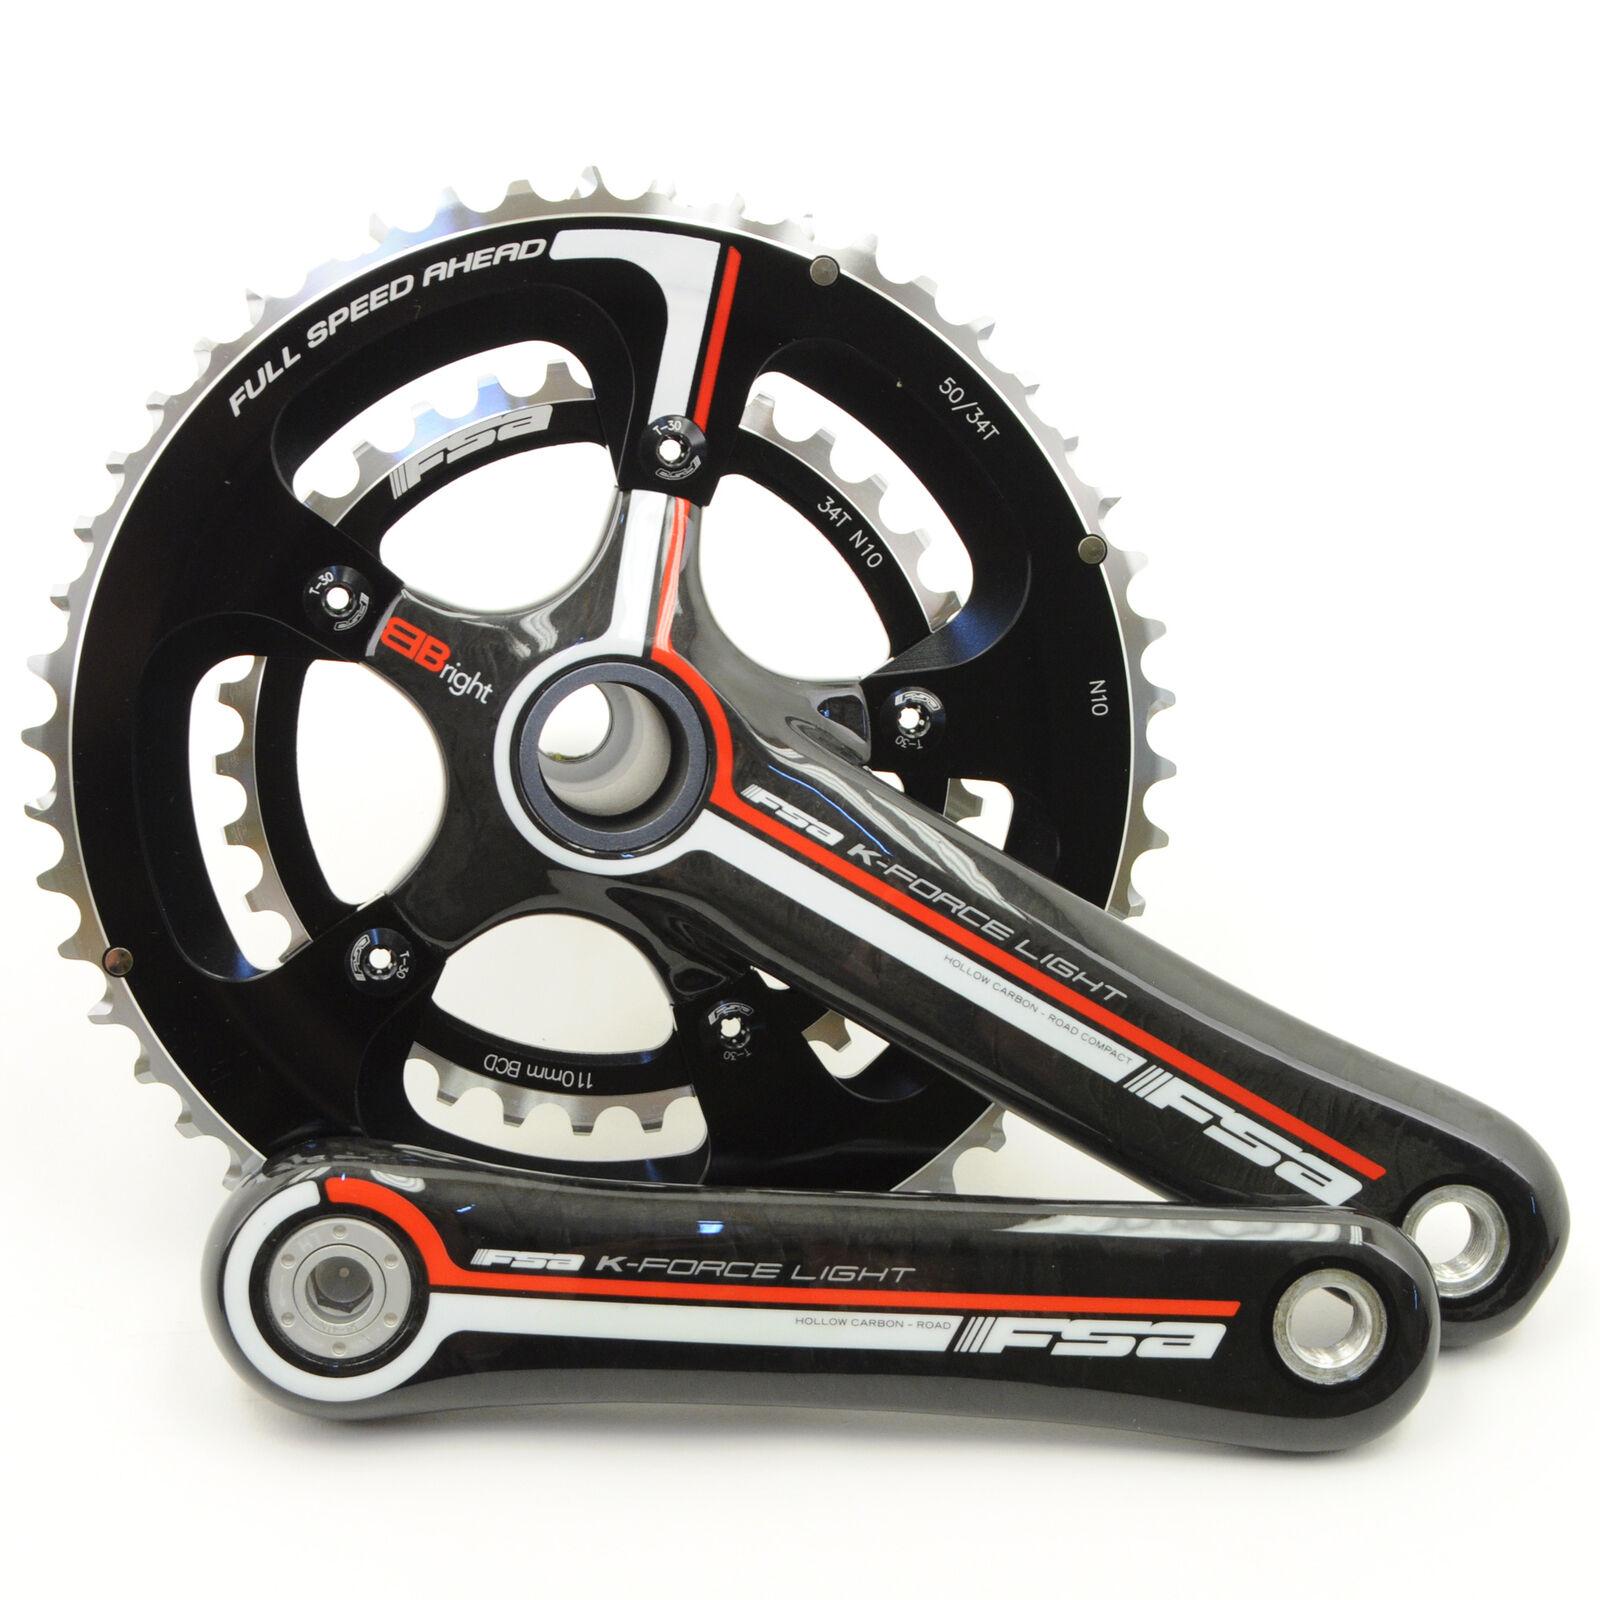 FSA K-Force Light BBright Carbon Road Bike Crankset 50//34 10 Speed 172.5mm//Black